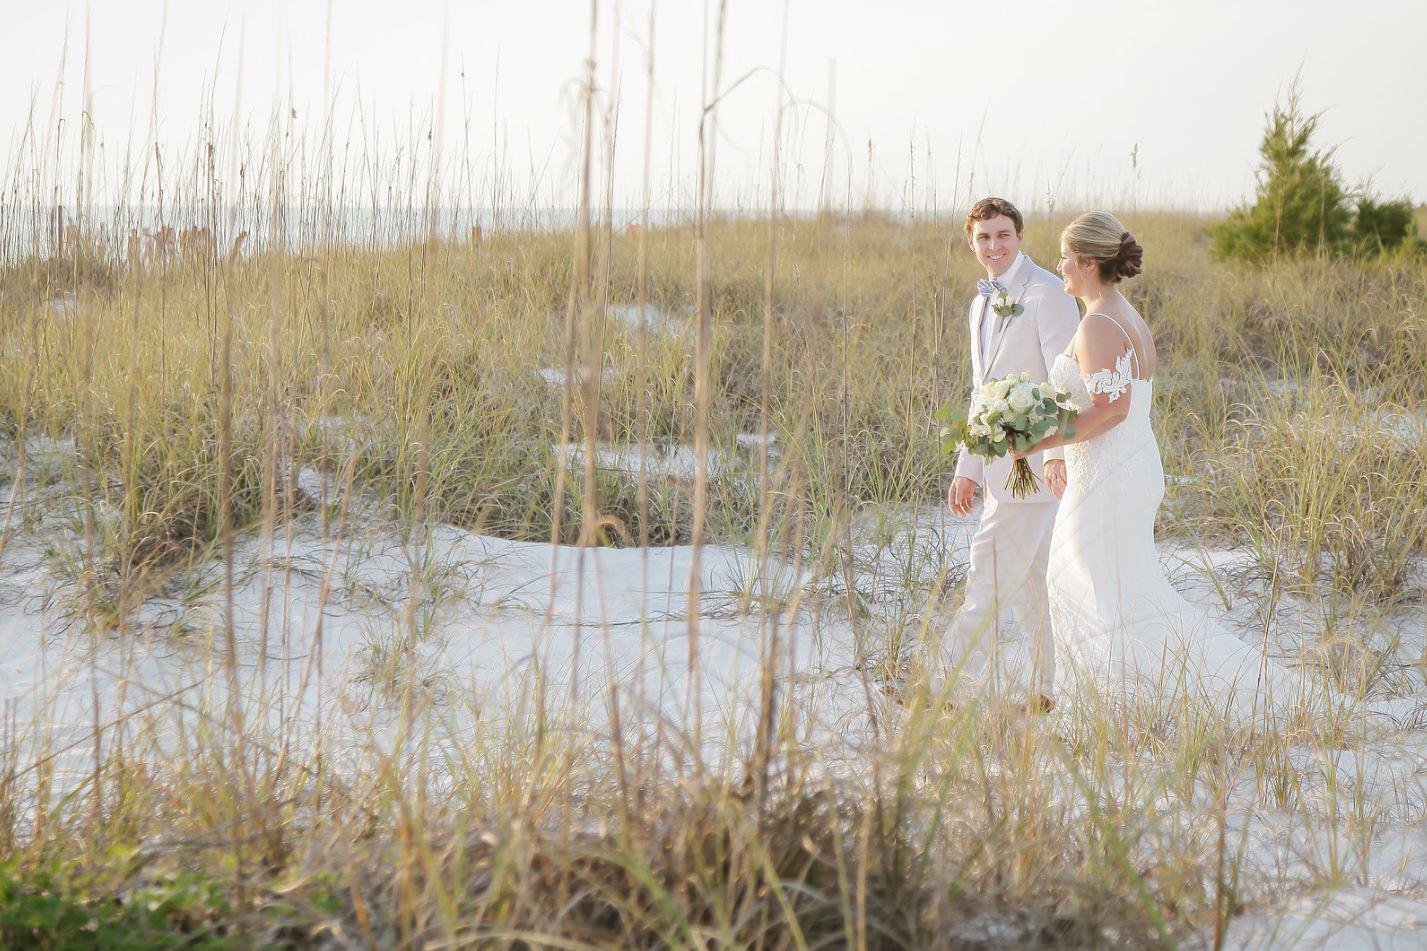 Jaime_wedding_photographer_027.JPG